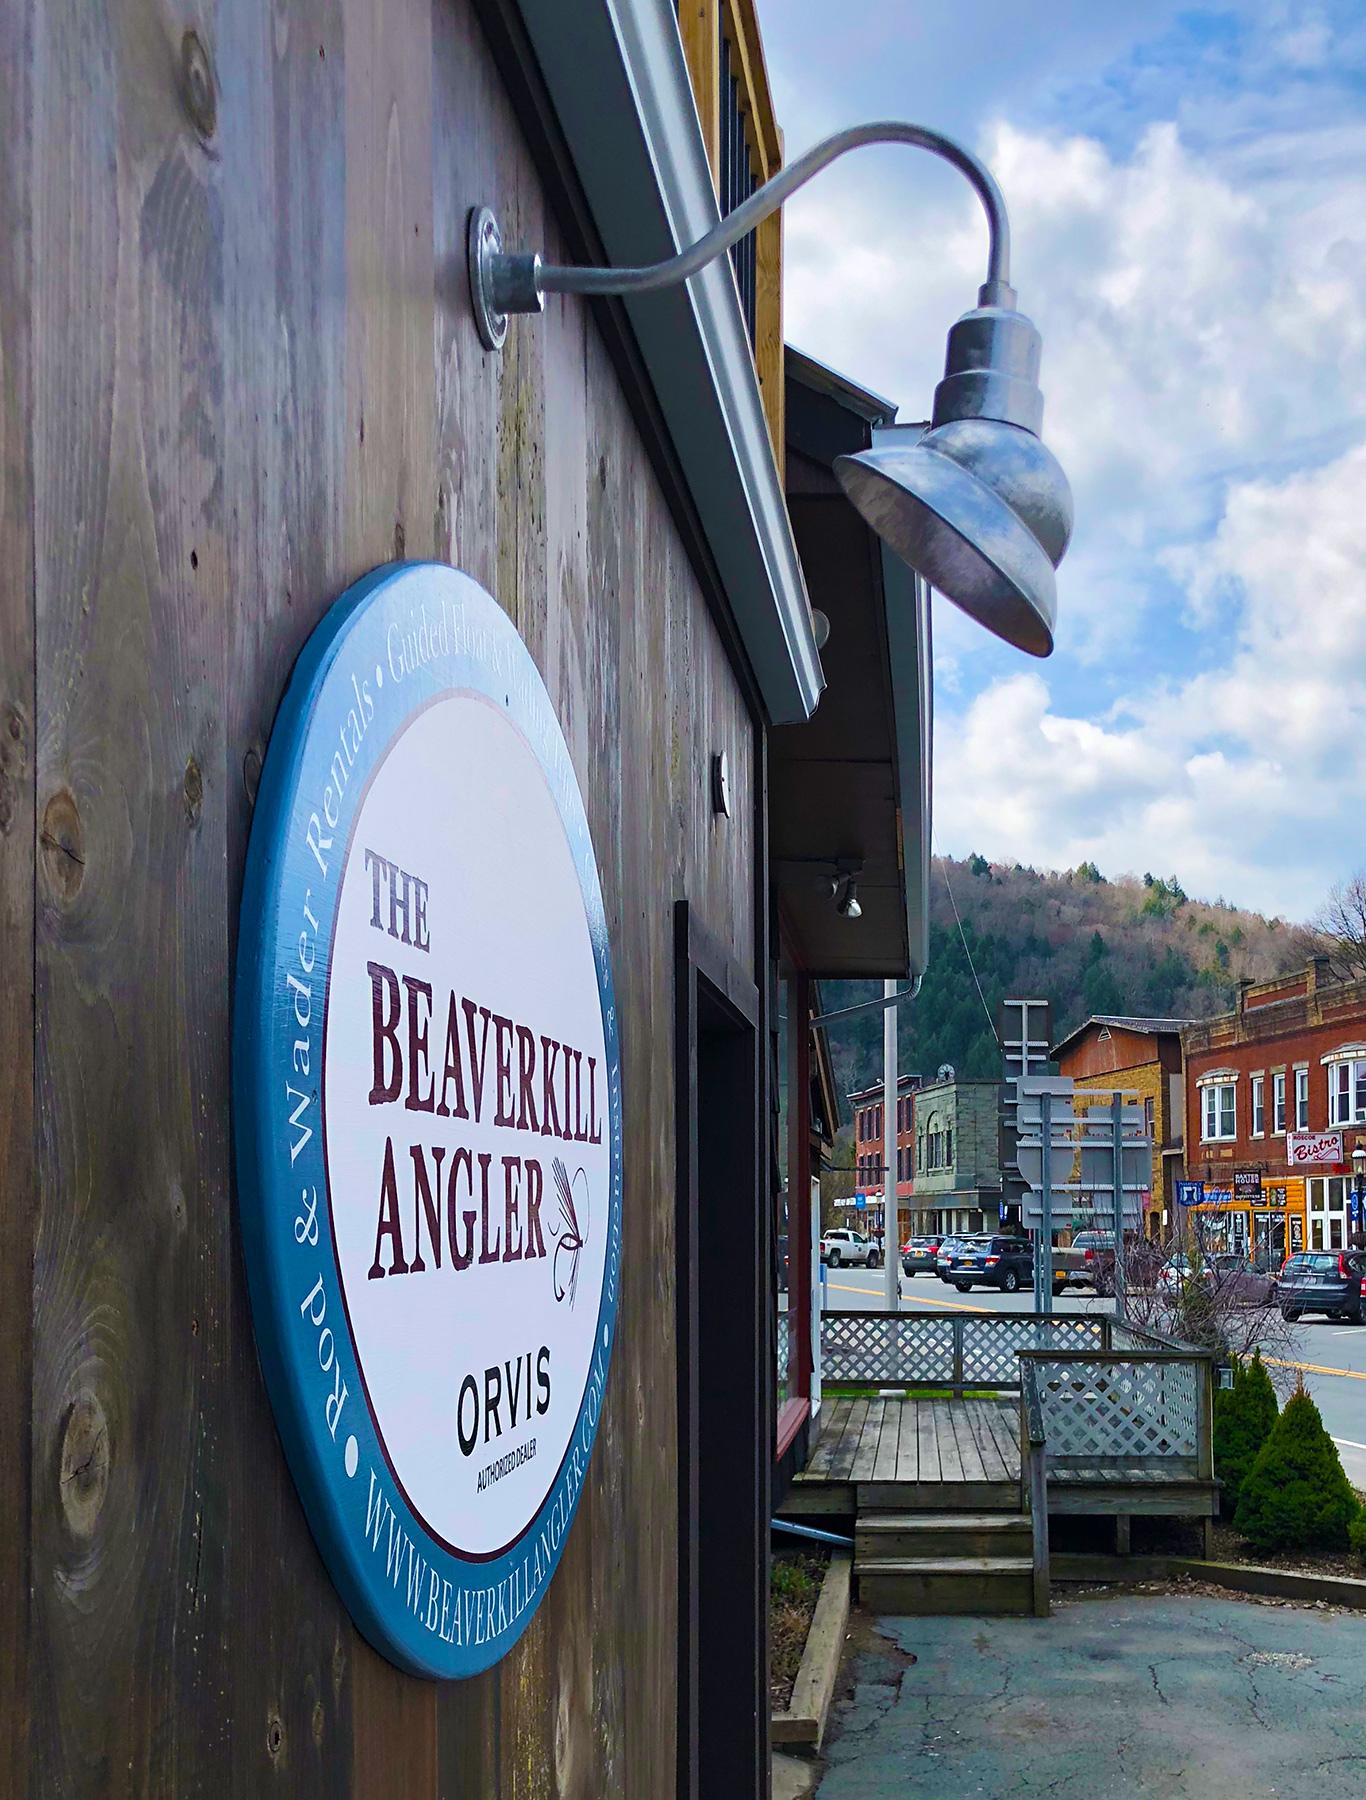 Beaverkill Angler Orvis Shop